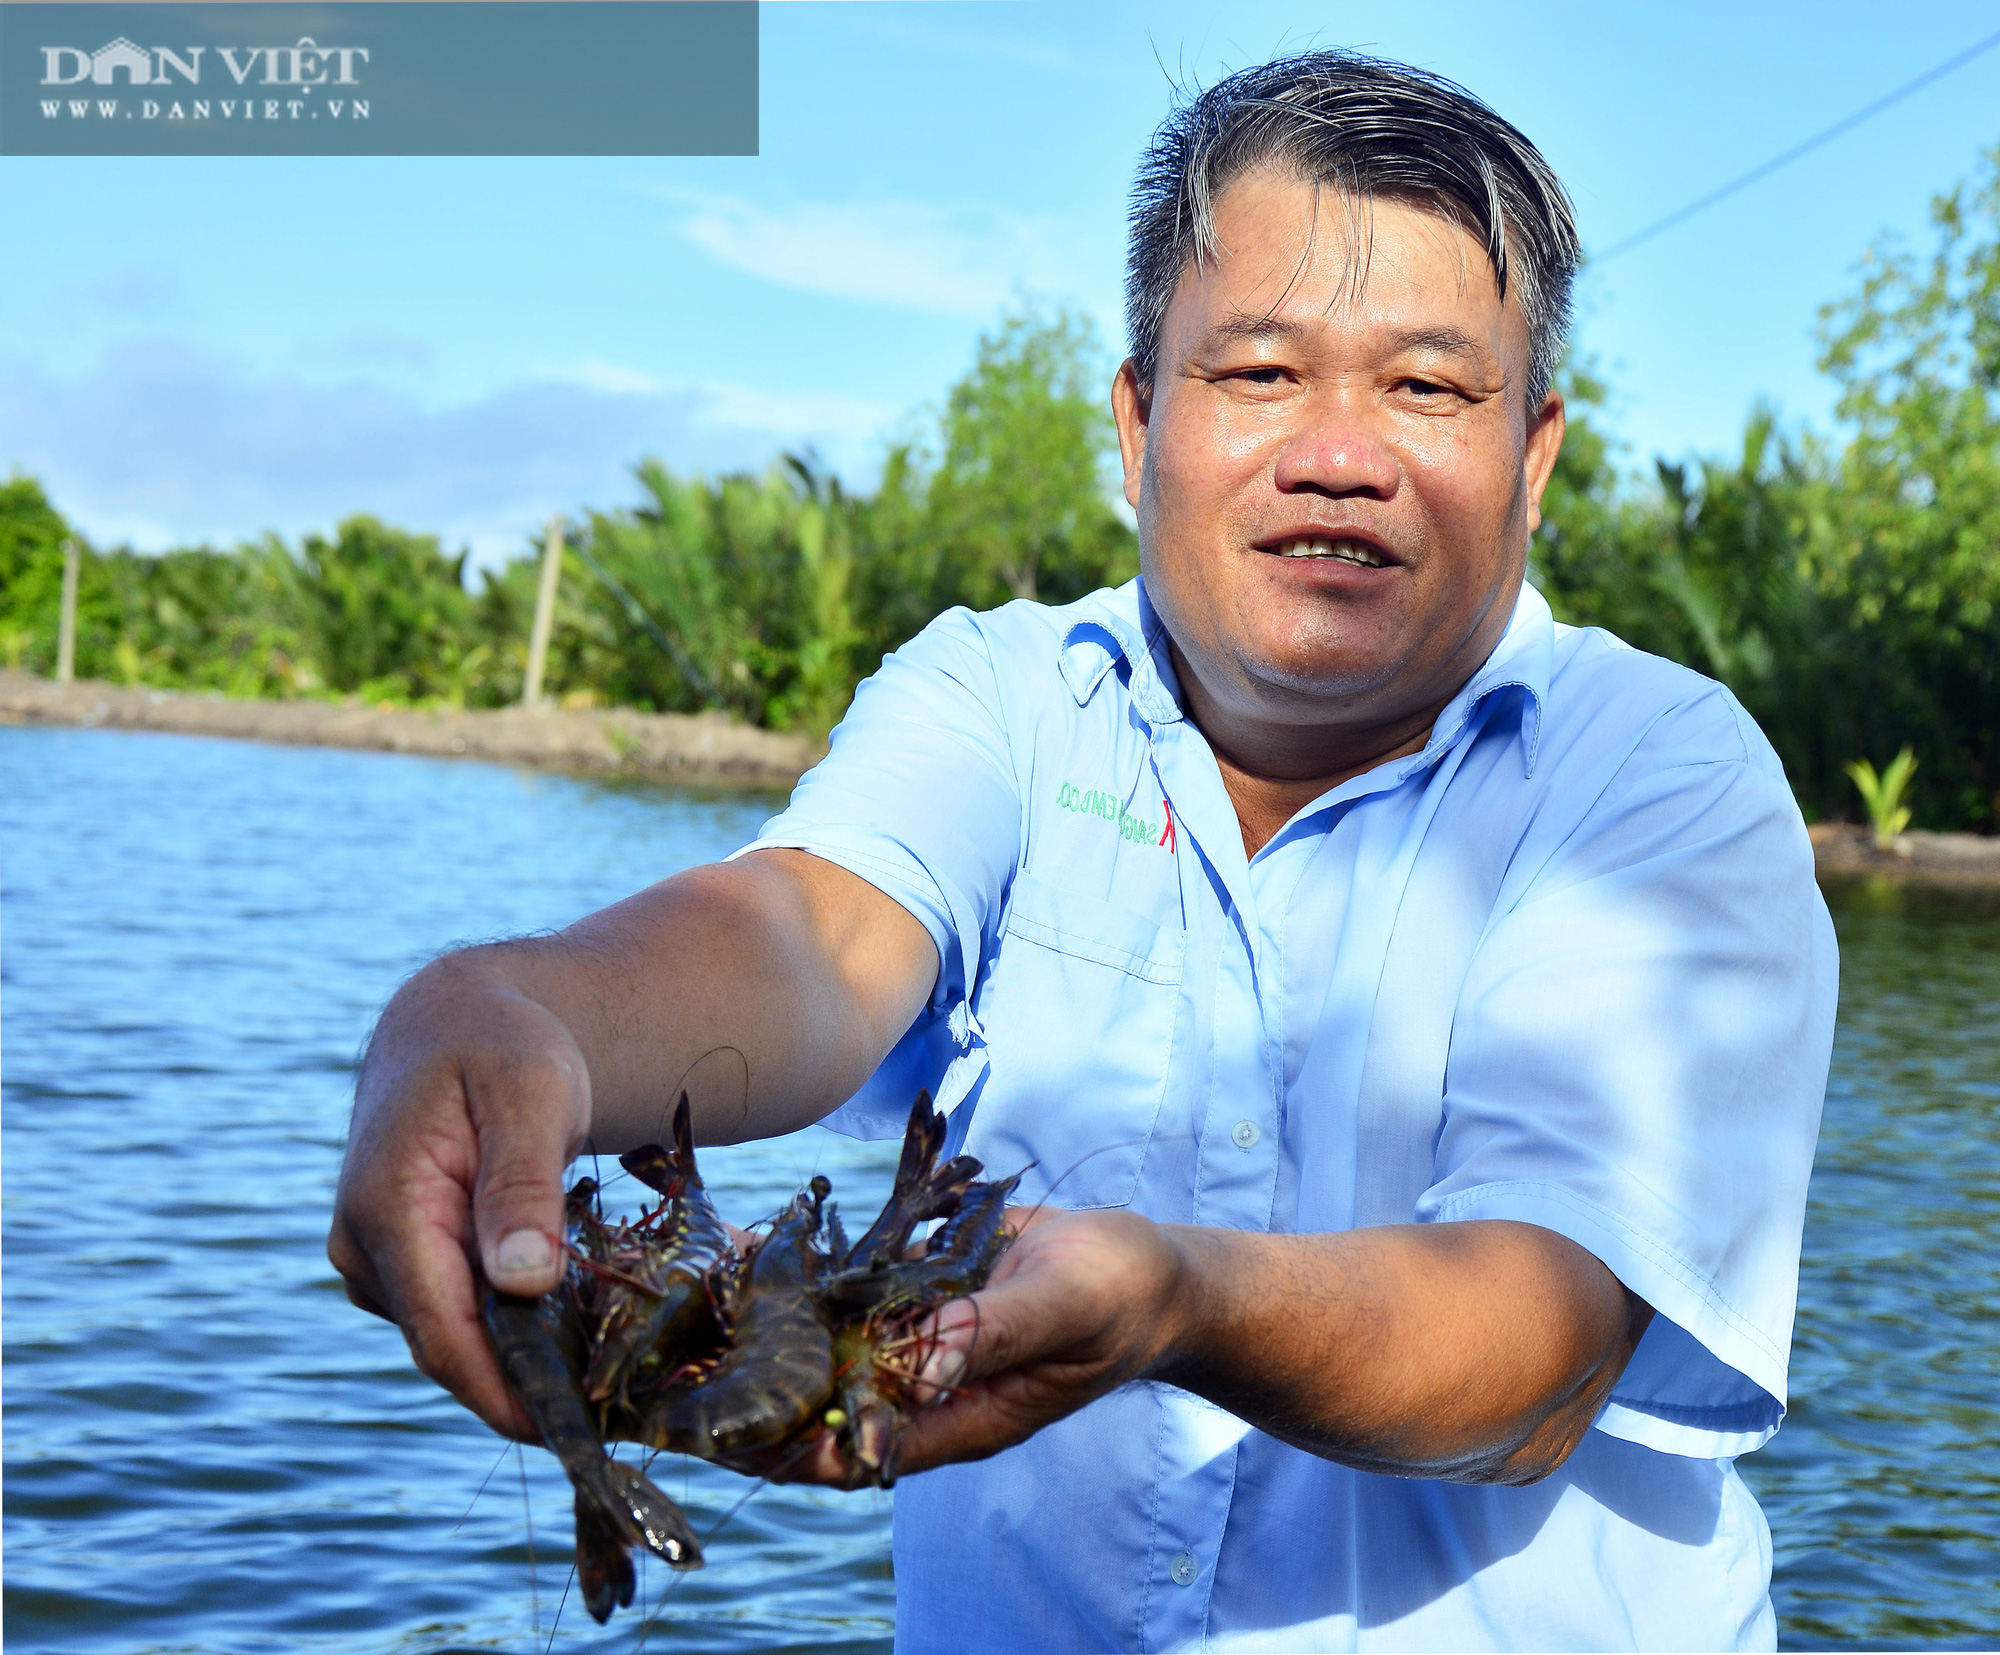 Kiên Giang: Nông dân đổi đời nhờ nuôi tôm cua kết hợp trên đất phèn mặn - Ảnh 2.